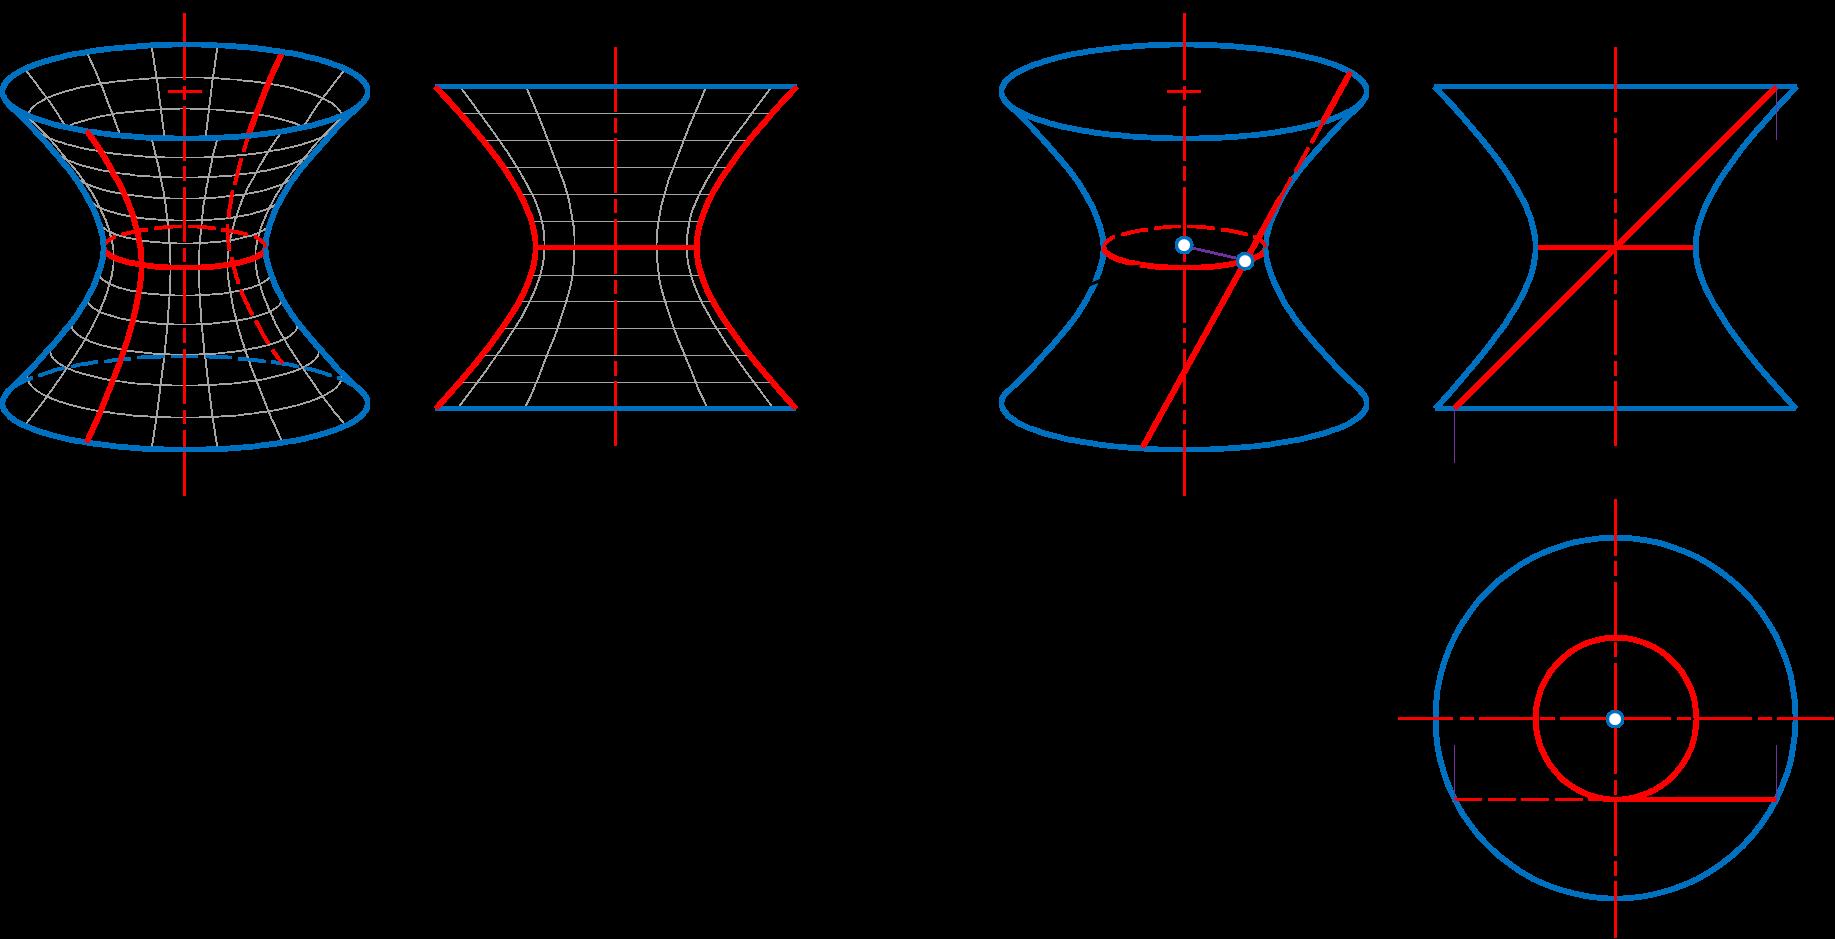 Hình không gian minh họa mặt Hyperboloid một tầng tròn xoay tạo bởi một Hyperbol quay quanh trục ảo của nó H.1b. Hình chiếu thẳng góc mặt Hyperboloid một tầng tròn xoay tạo bởi một Hyperbol quay quanh trục ảo của nó H.2a. Hình không gian minh họa mặt Hyperboloid một tầng tròn xoay tạo bởi một đường thẳng m quay quanh trục a H.2b. Hình chiếu thẳng góc mặt Hyperboloid một tầng tròn xoay tạo bởi một đường mặt m quay quanh trục a chiếu bằng